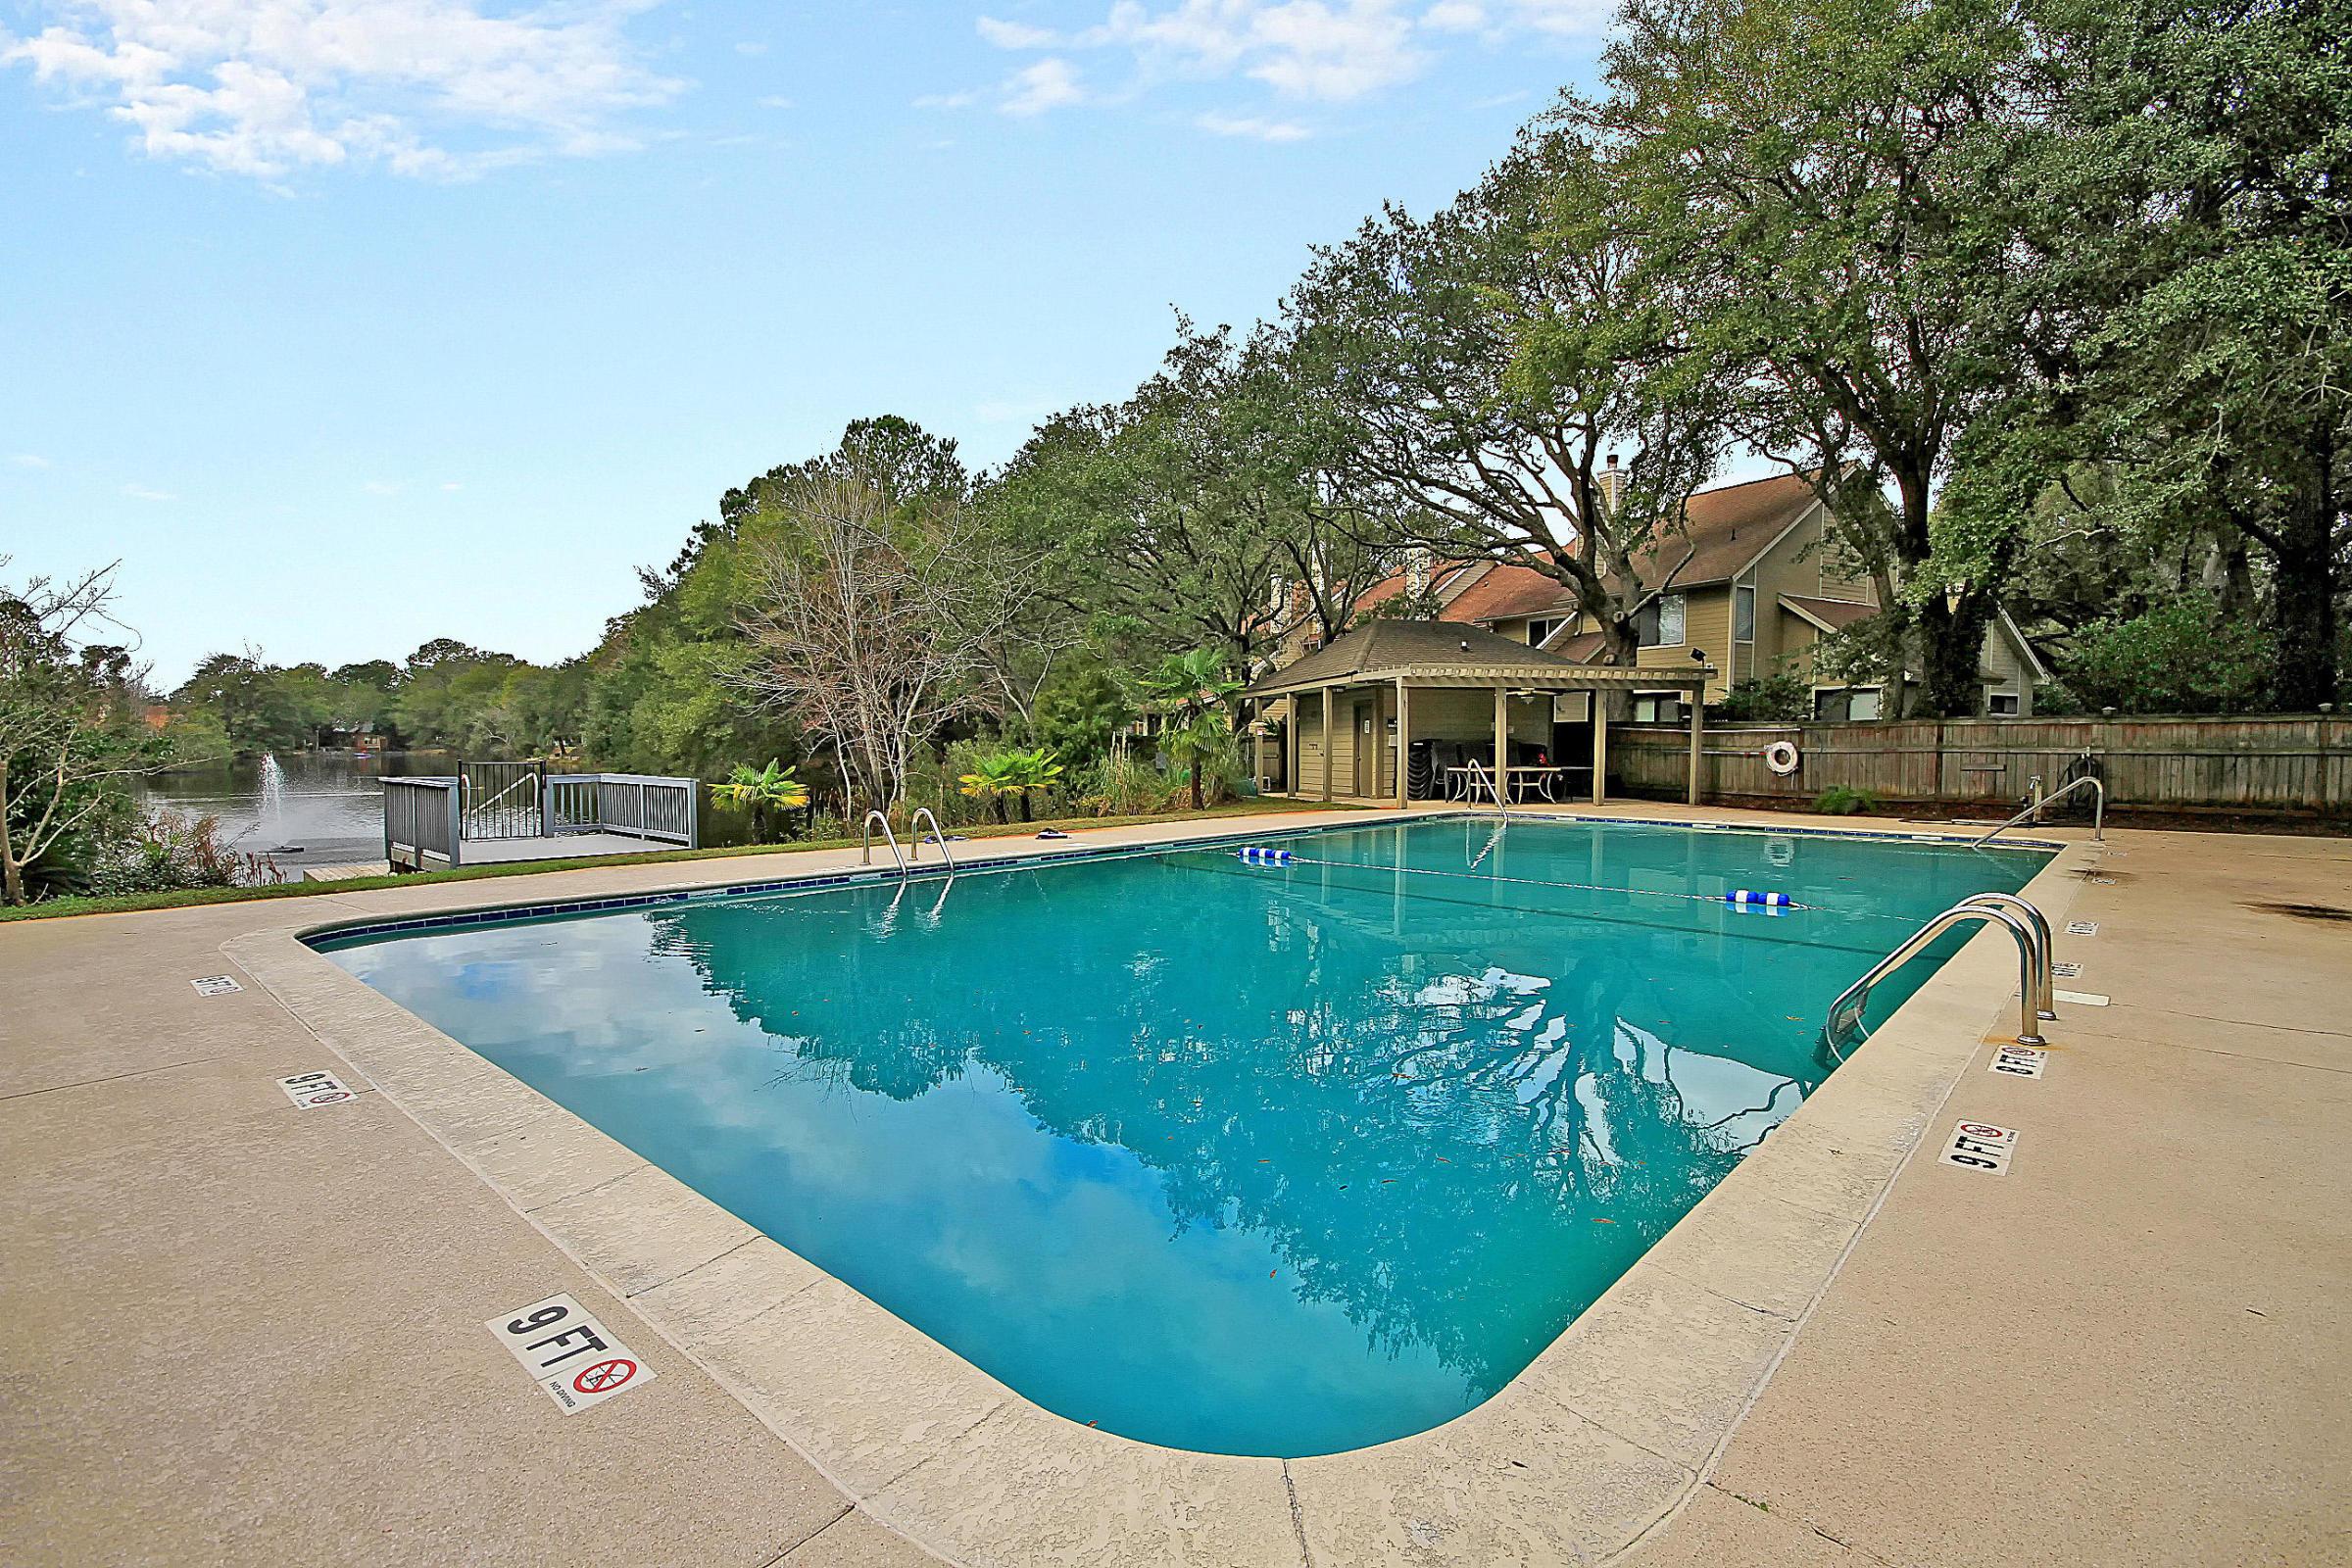 Sandpiper Pointe Homes For Sale - 336 Sandpiper, Mount Pleasant, SC - 19